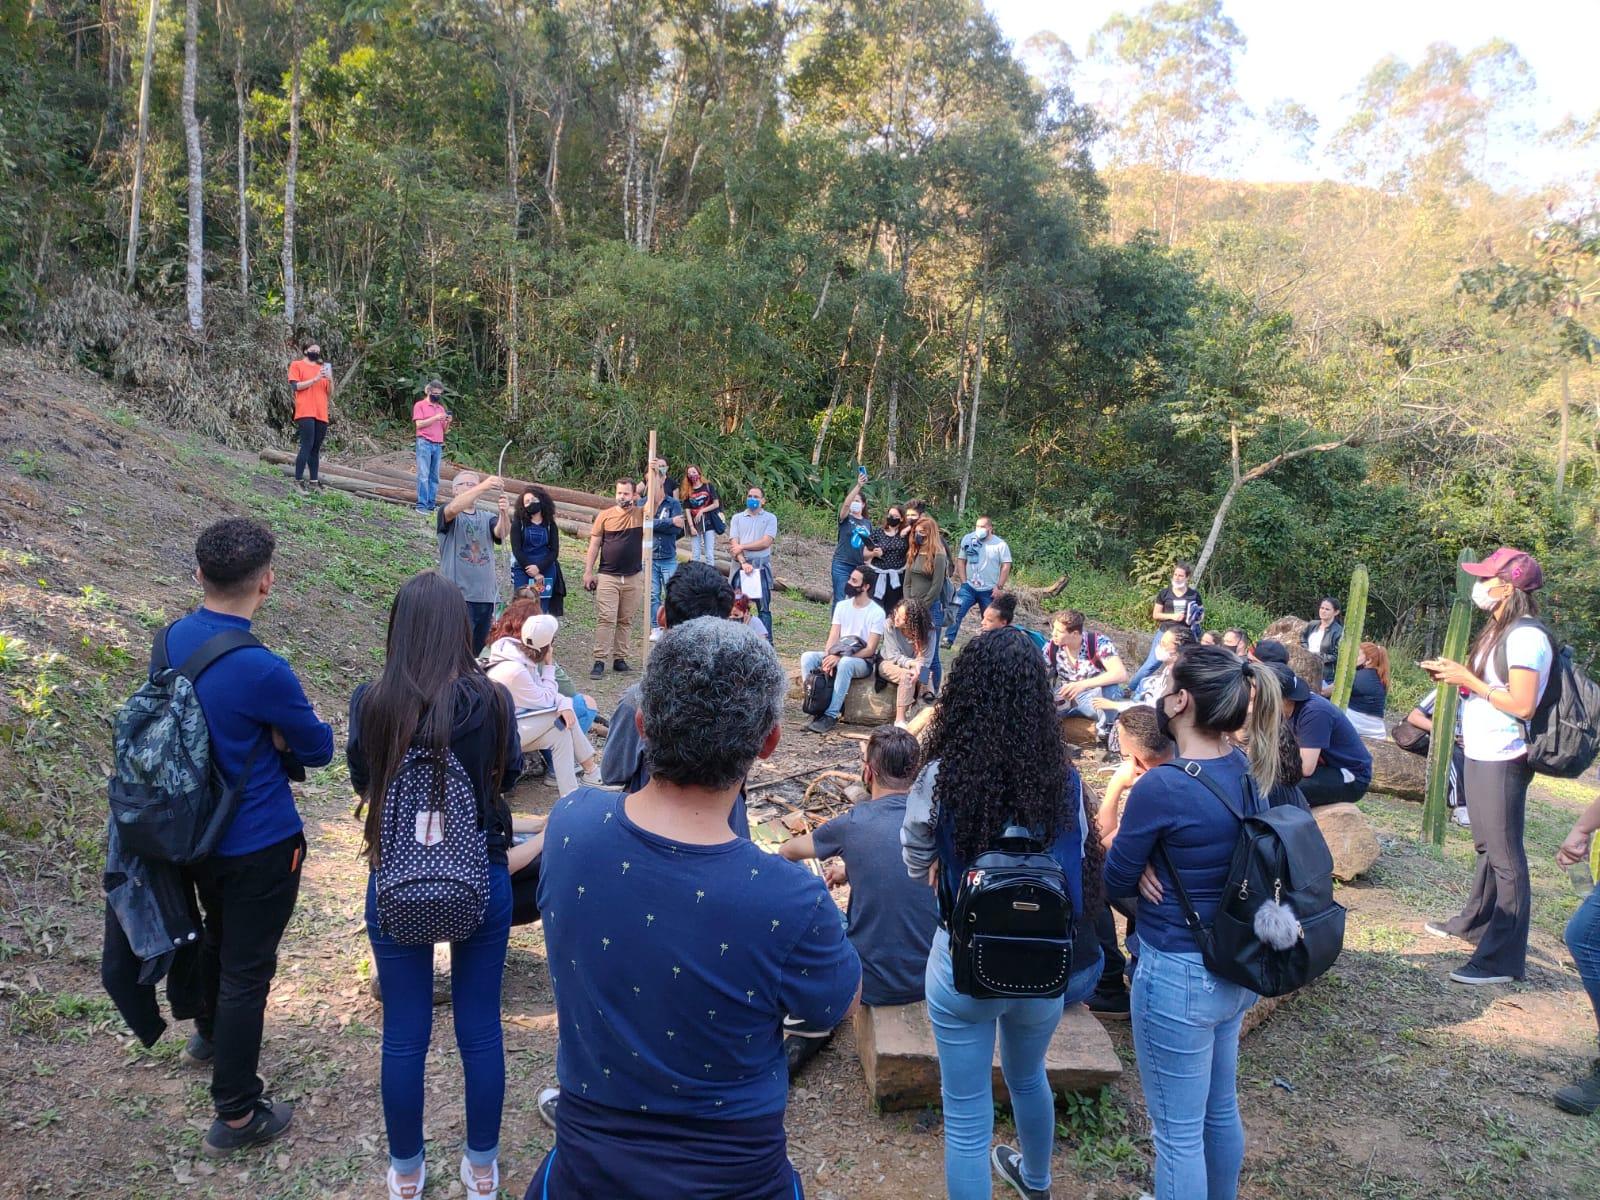 Visita técnica a Santa Isabel: o projeto habitacional do módulo Edificação, Habitação e Plástica.